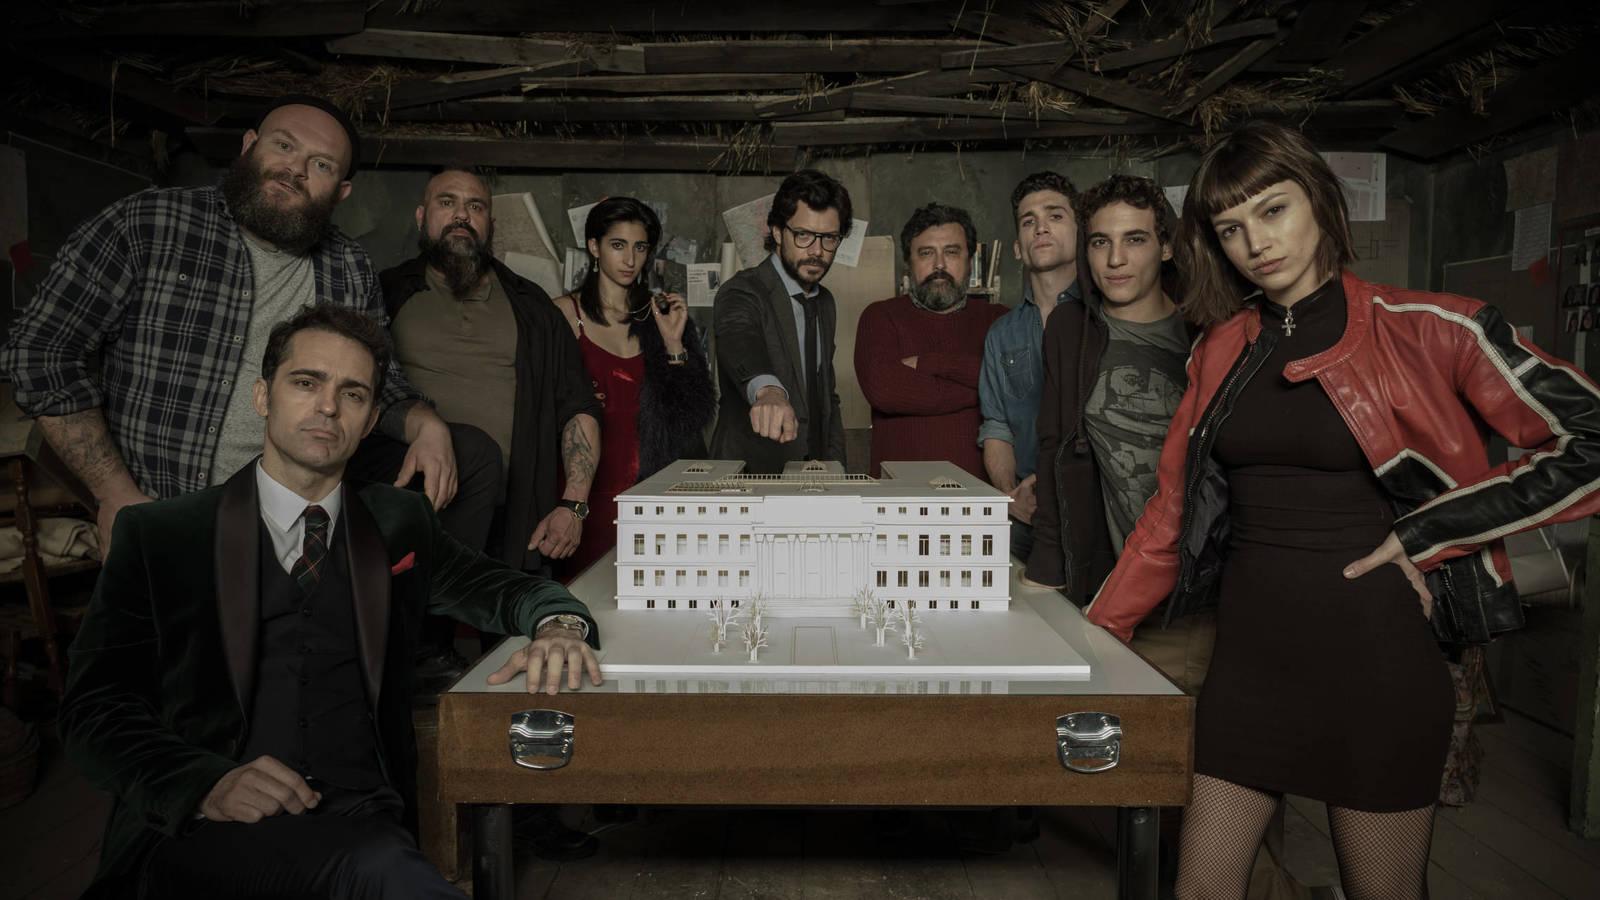 La Casa de Papel : La saison 2 arrive, et la troisième a déjà été annoncée !